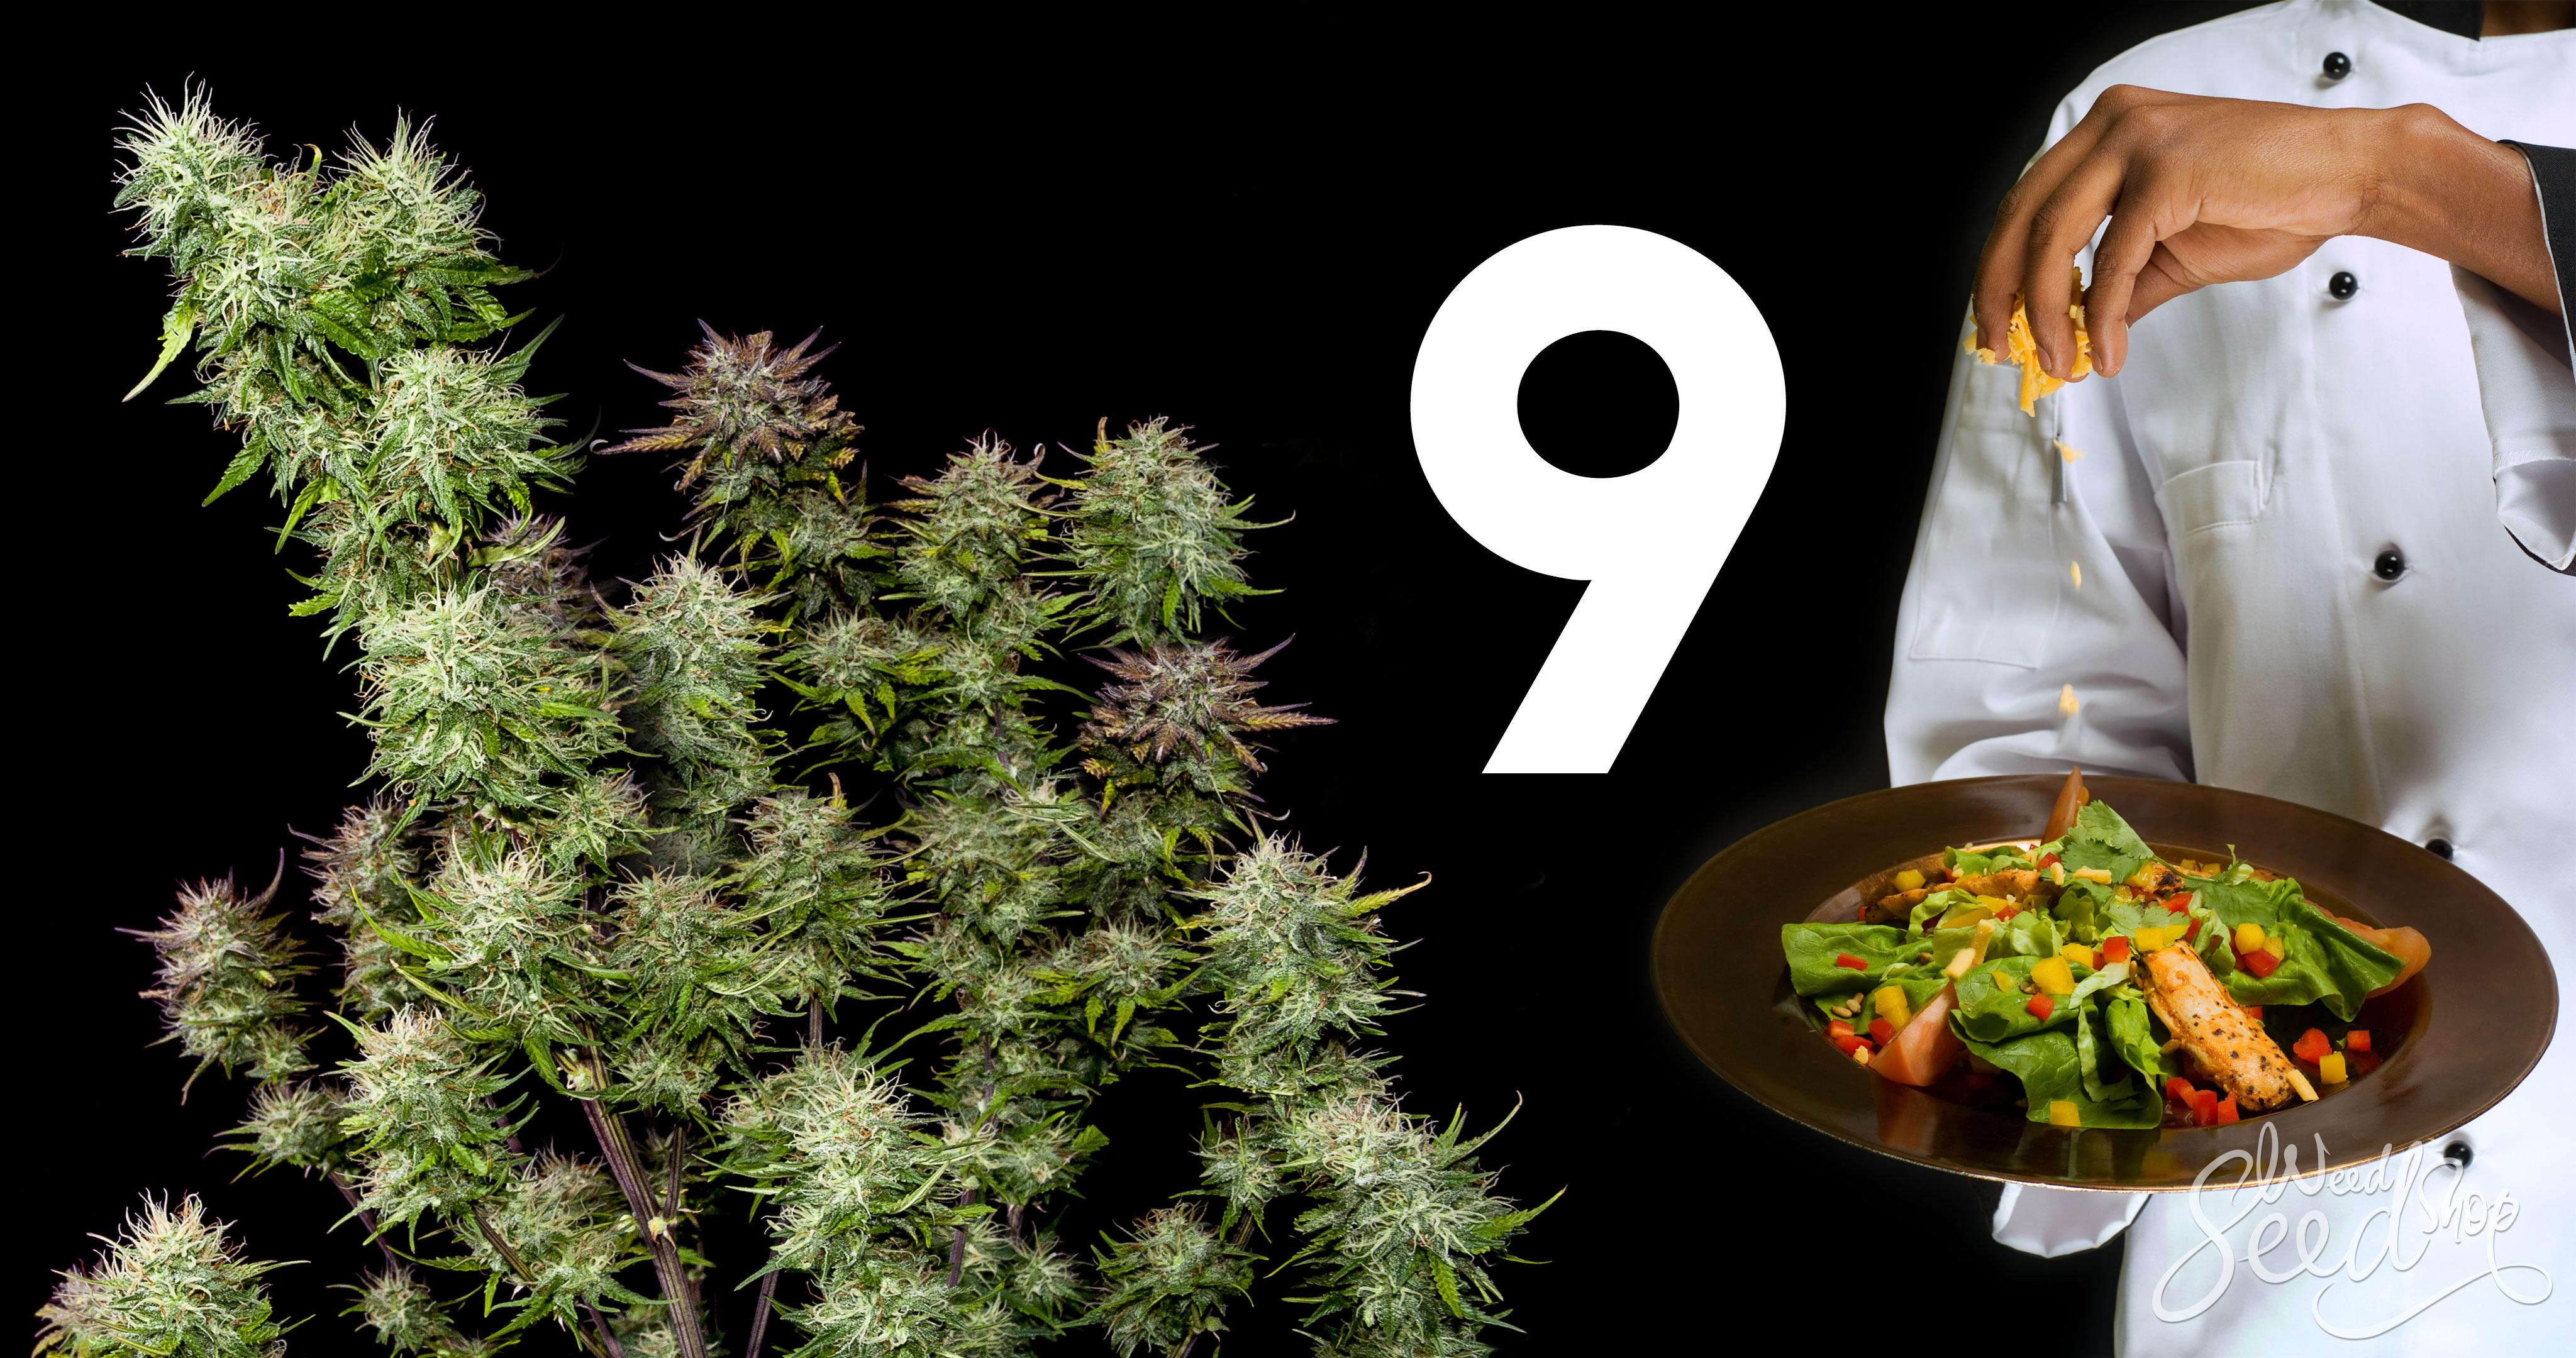 Les 9 plus grands cuisiniers cannabiques - WeedSeedShop